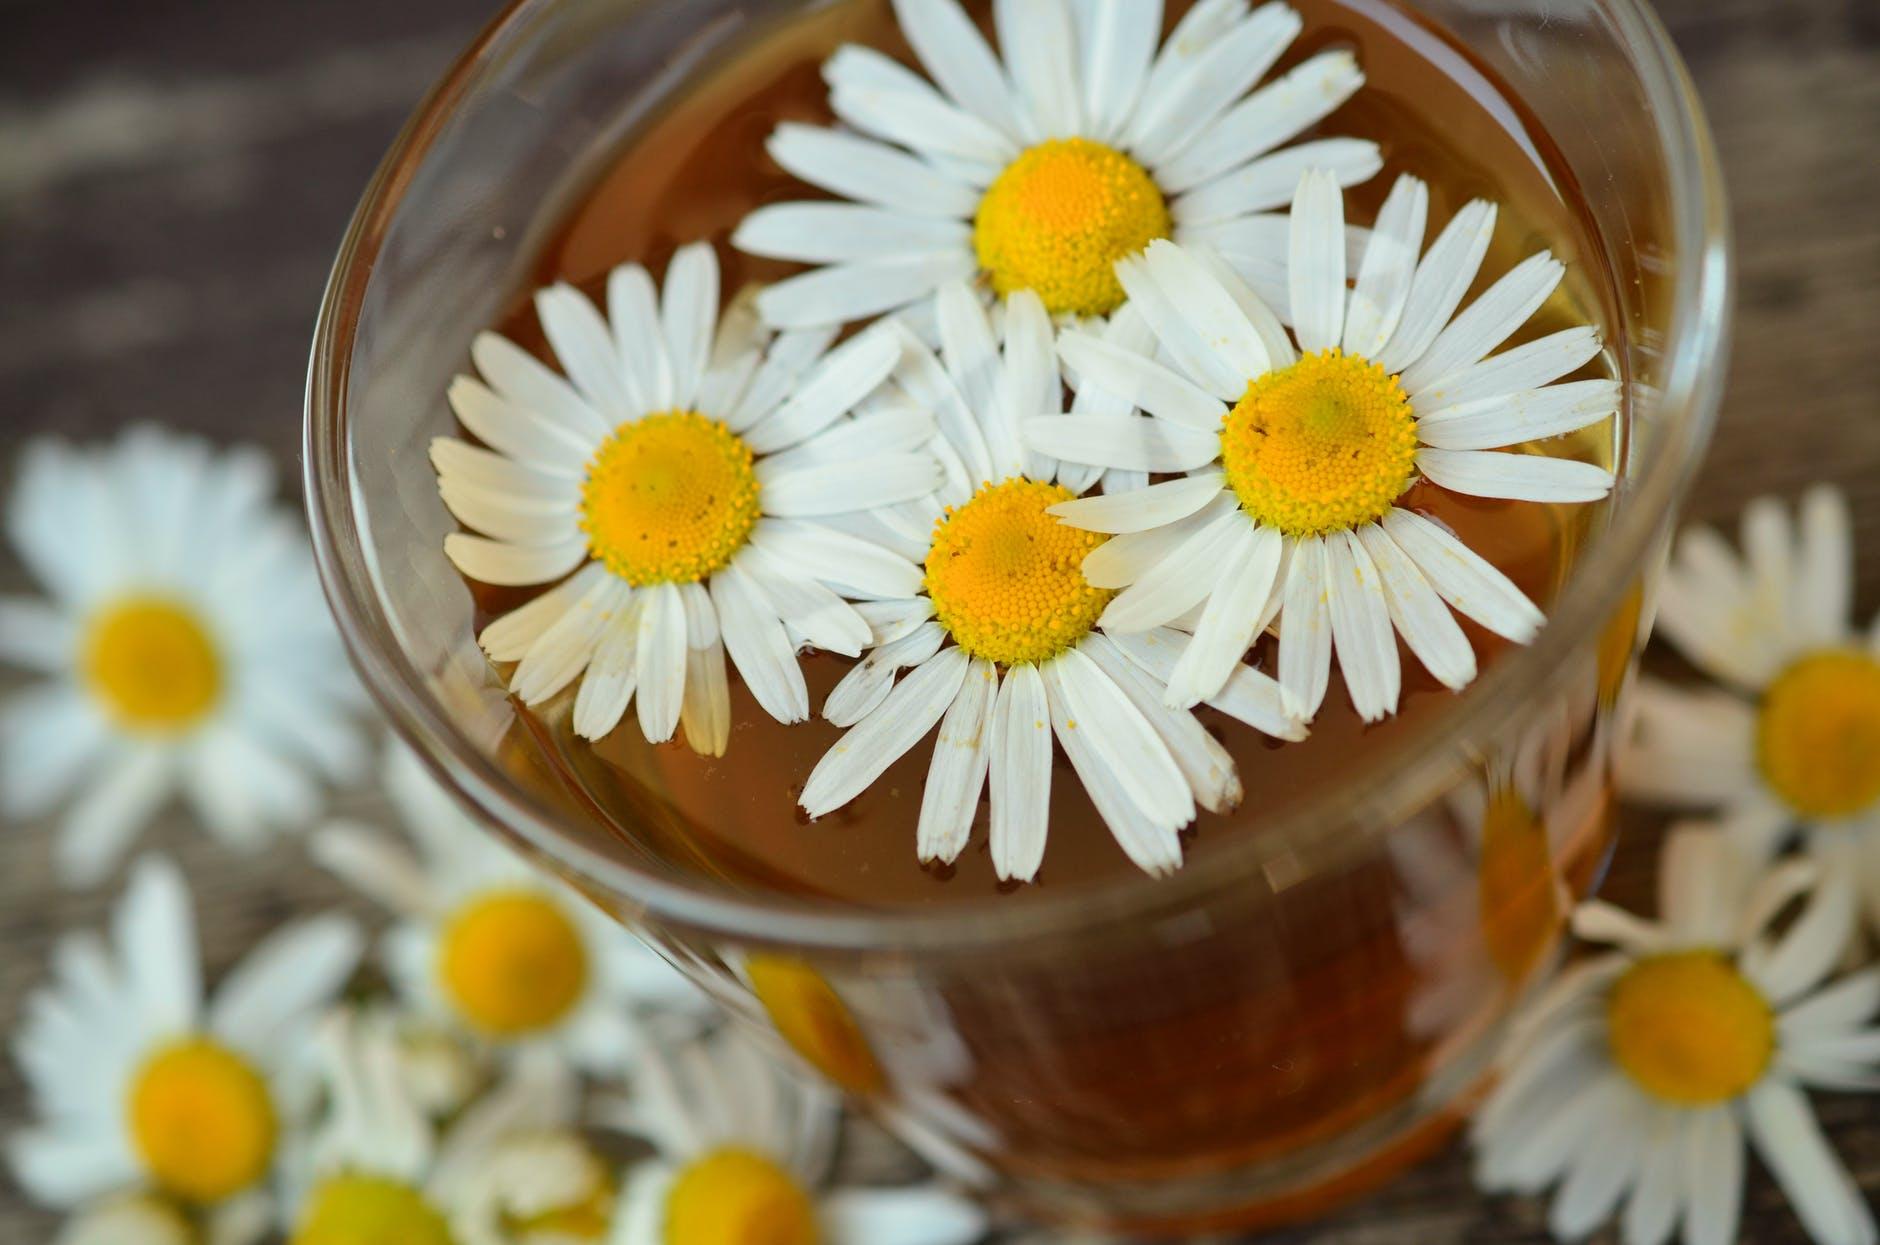 Ceai de musetel - Top 5 beneficii pentru sanatate